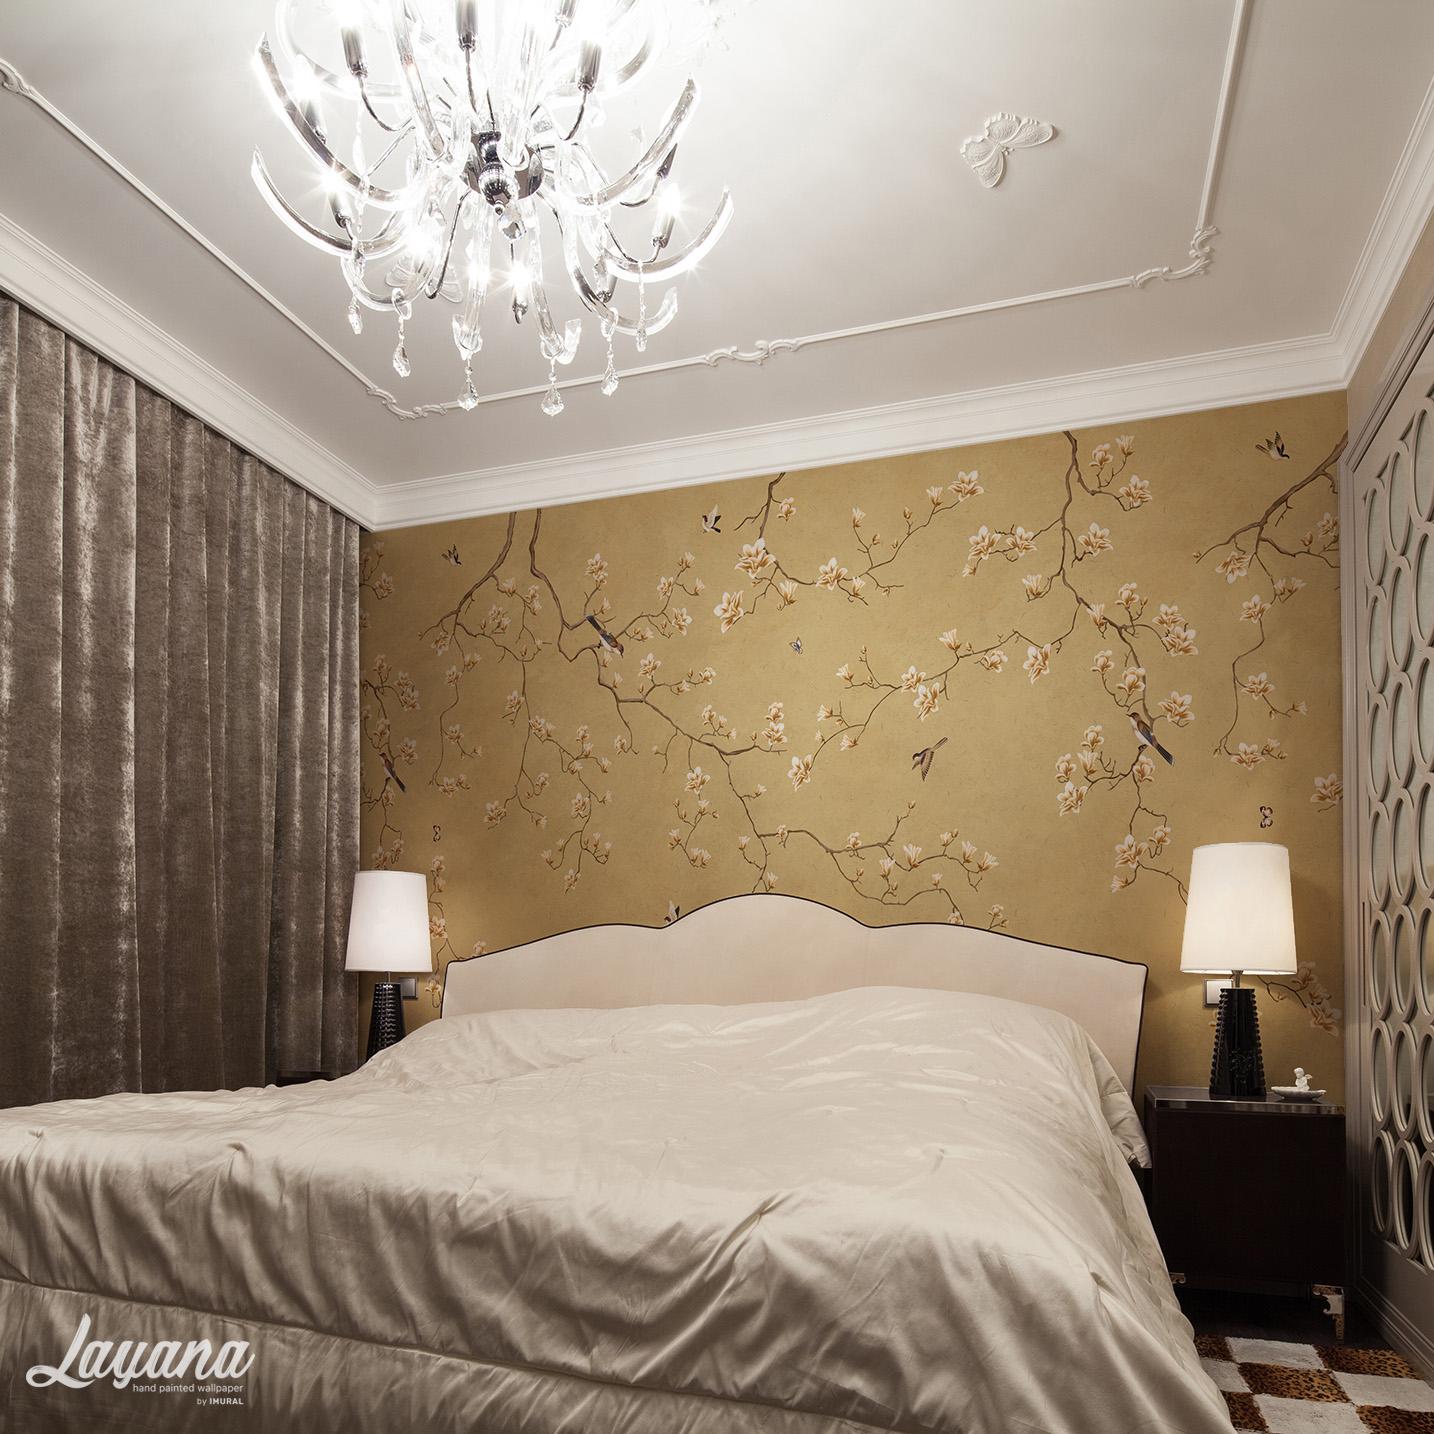 wallpaper dinding rumah kamar tidur